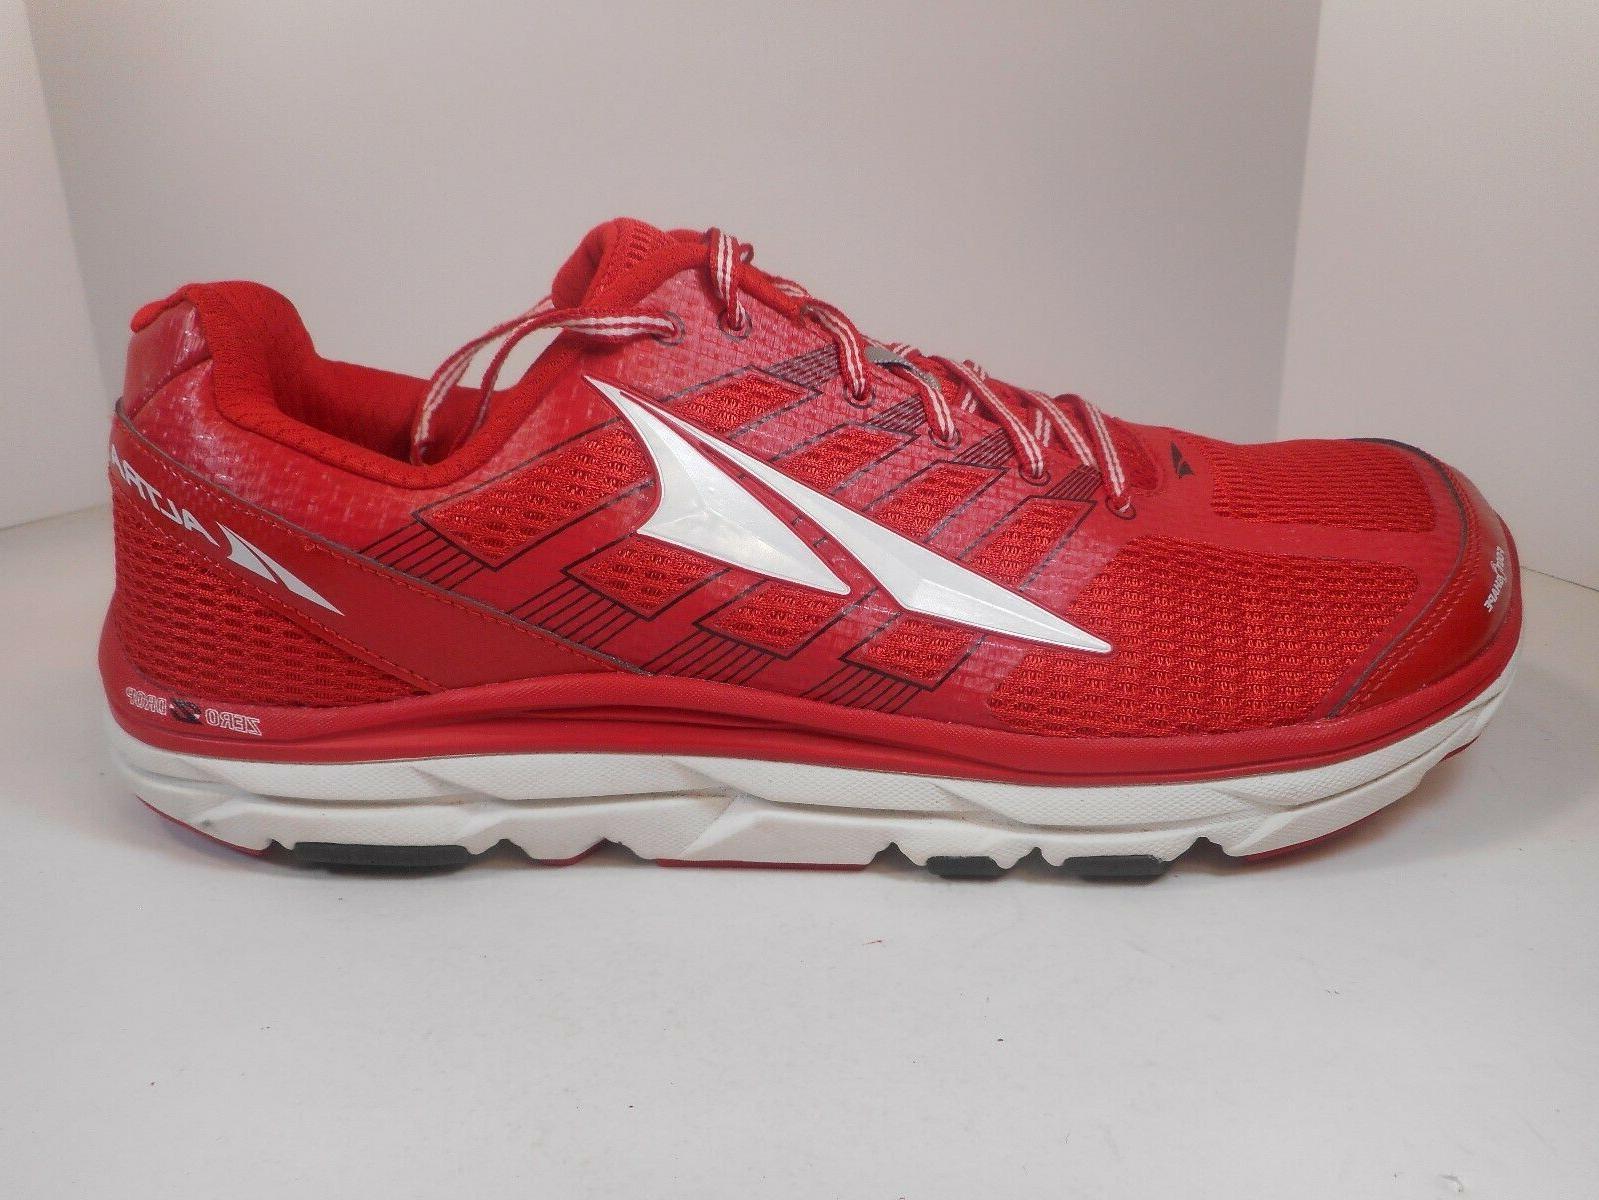 Altra Provision Shoes 12.5 D